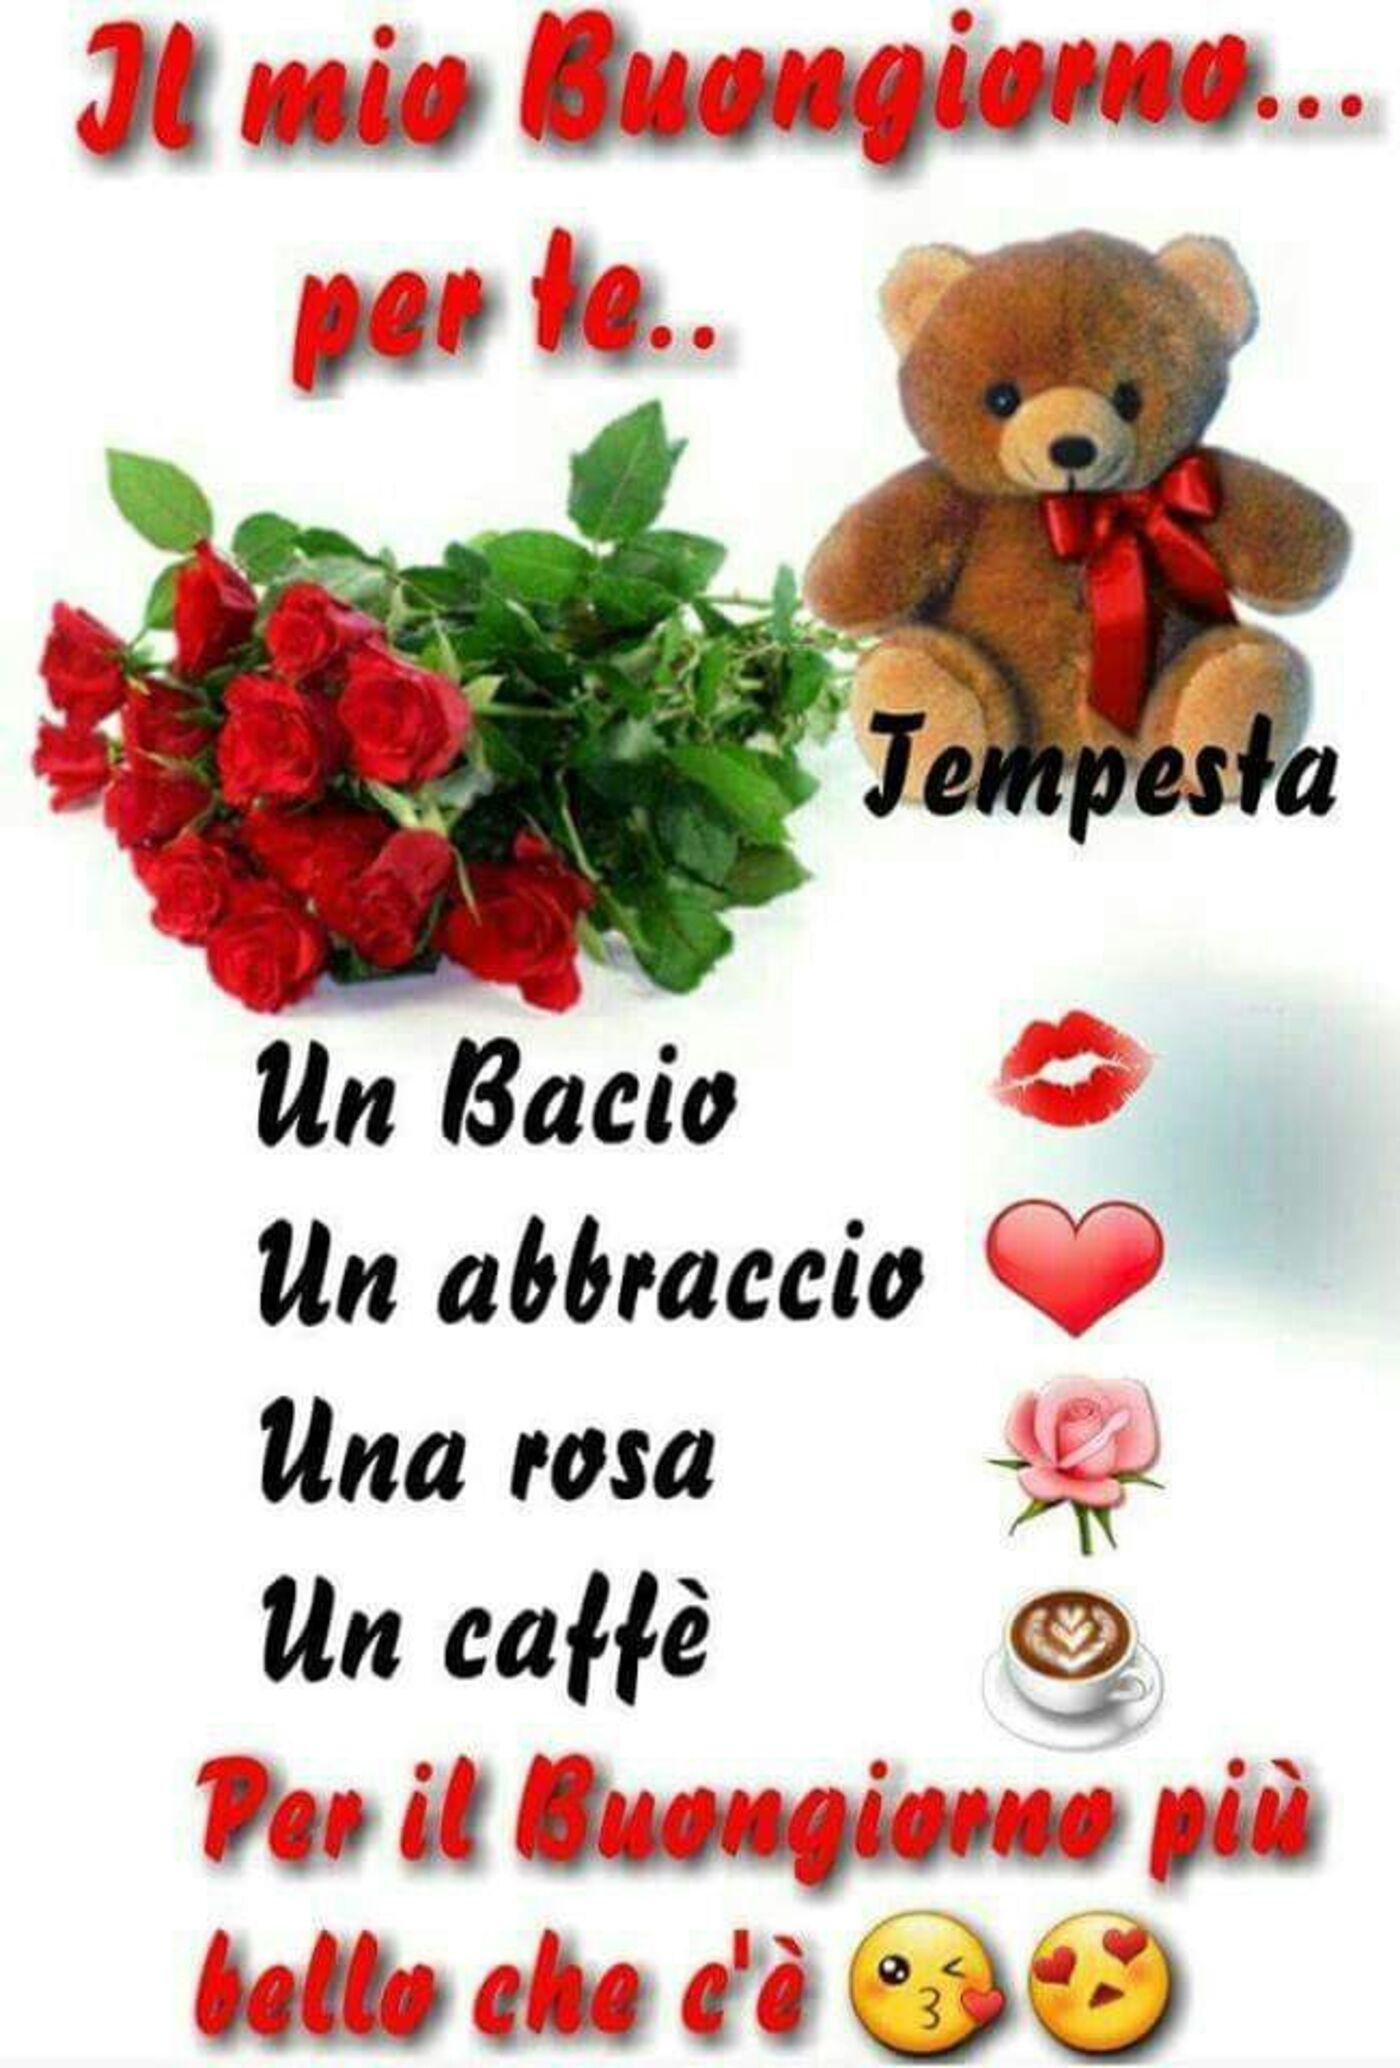 Il mio Buongiorno per te... un bacio... un abbraccio... una rosa... un caffè... per il Buongiorno più bello che c'è